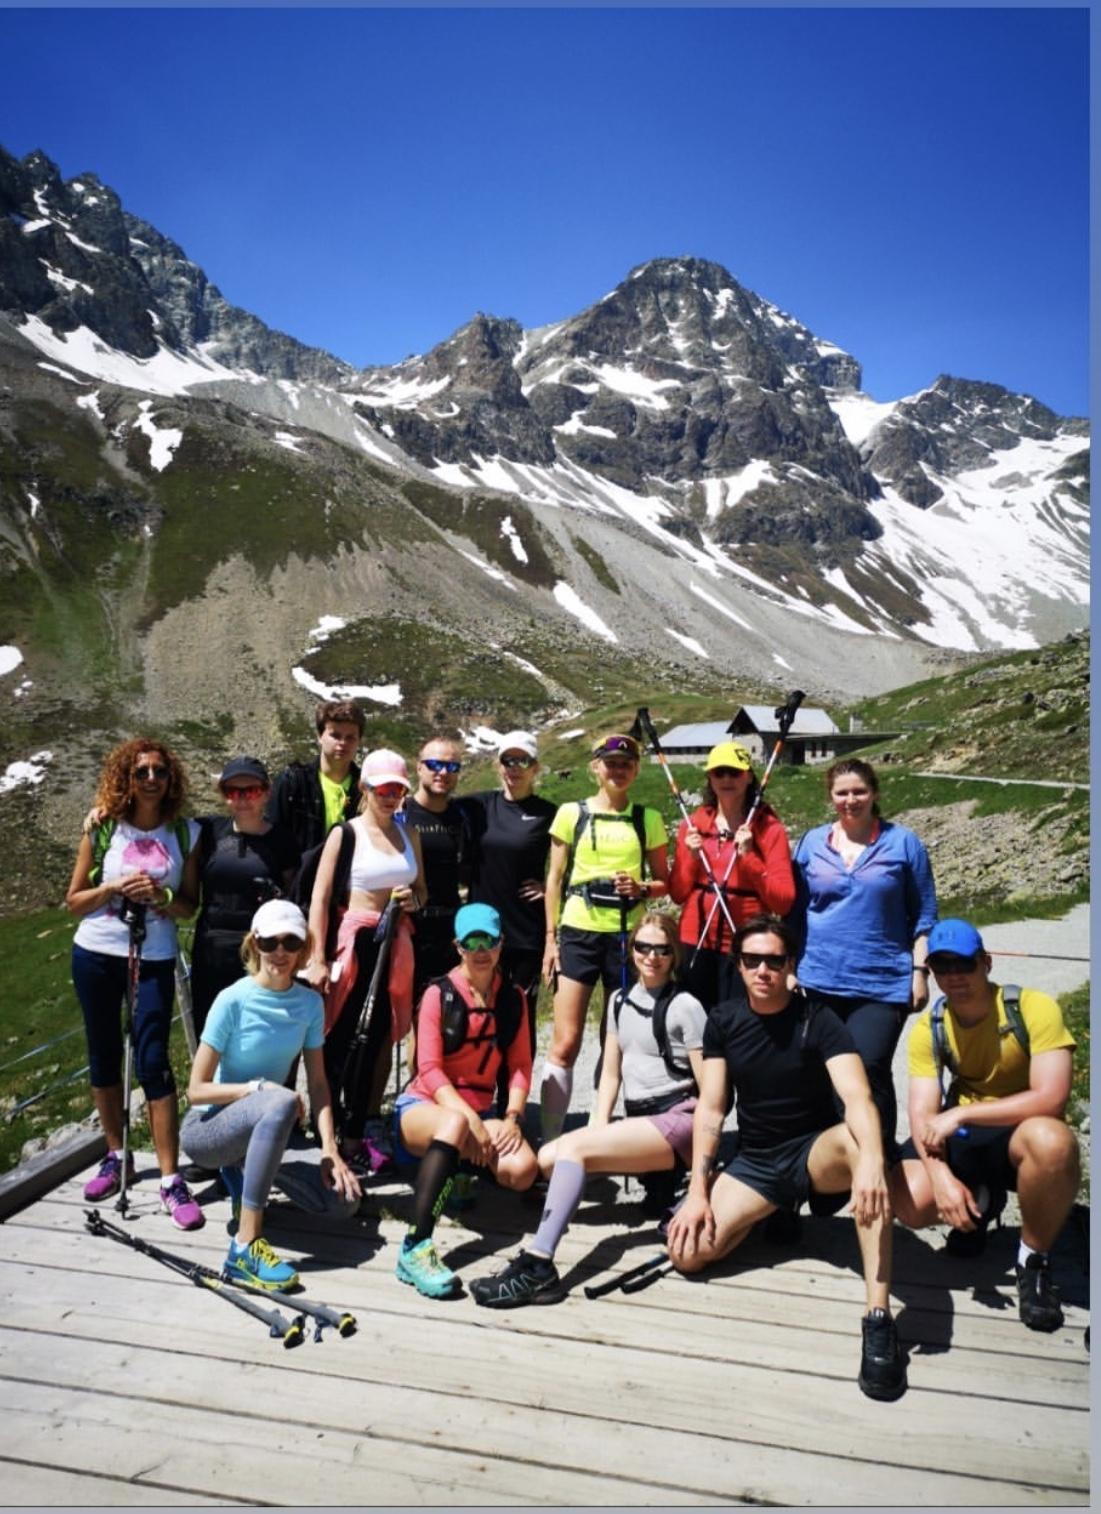 Russische Fitnessreise nach St. Moritz Slide 1